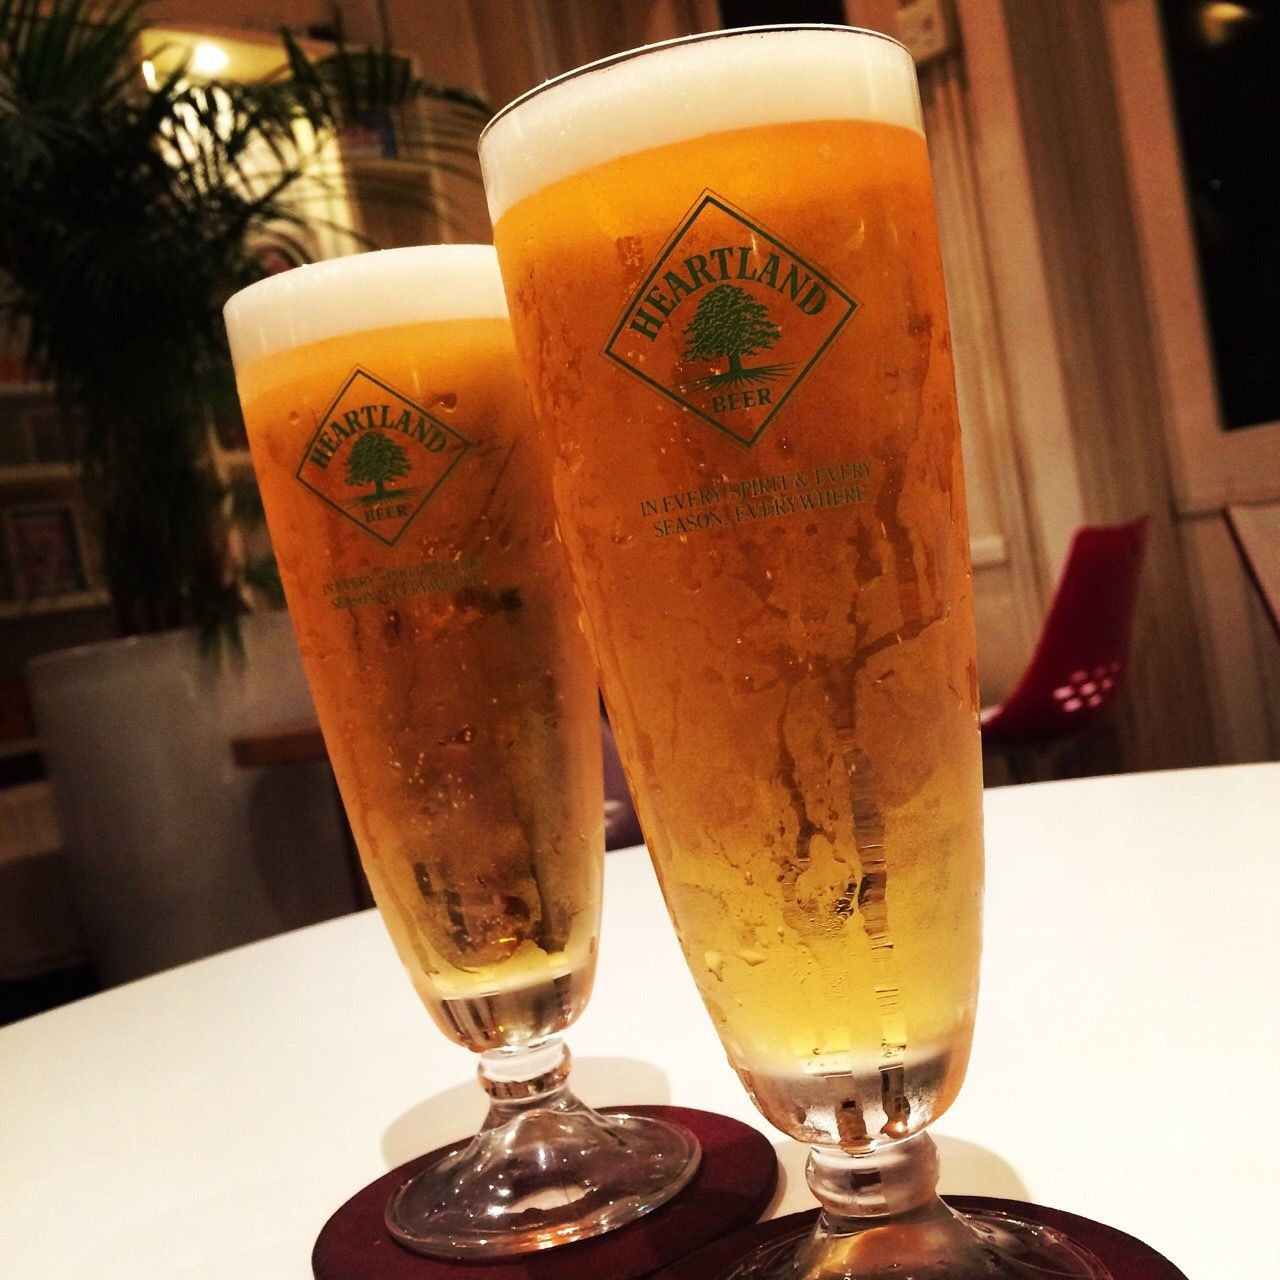 明日は横浜マラソン(^_^)_c0336346_19241469.jpeg